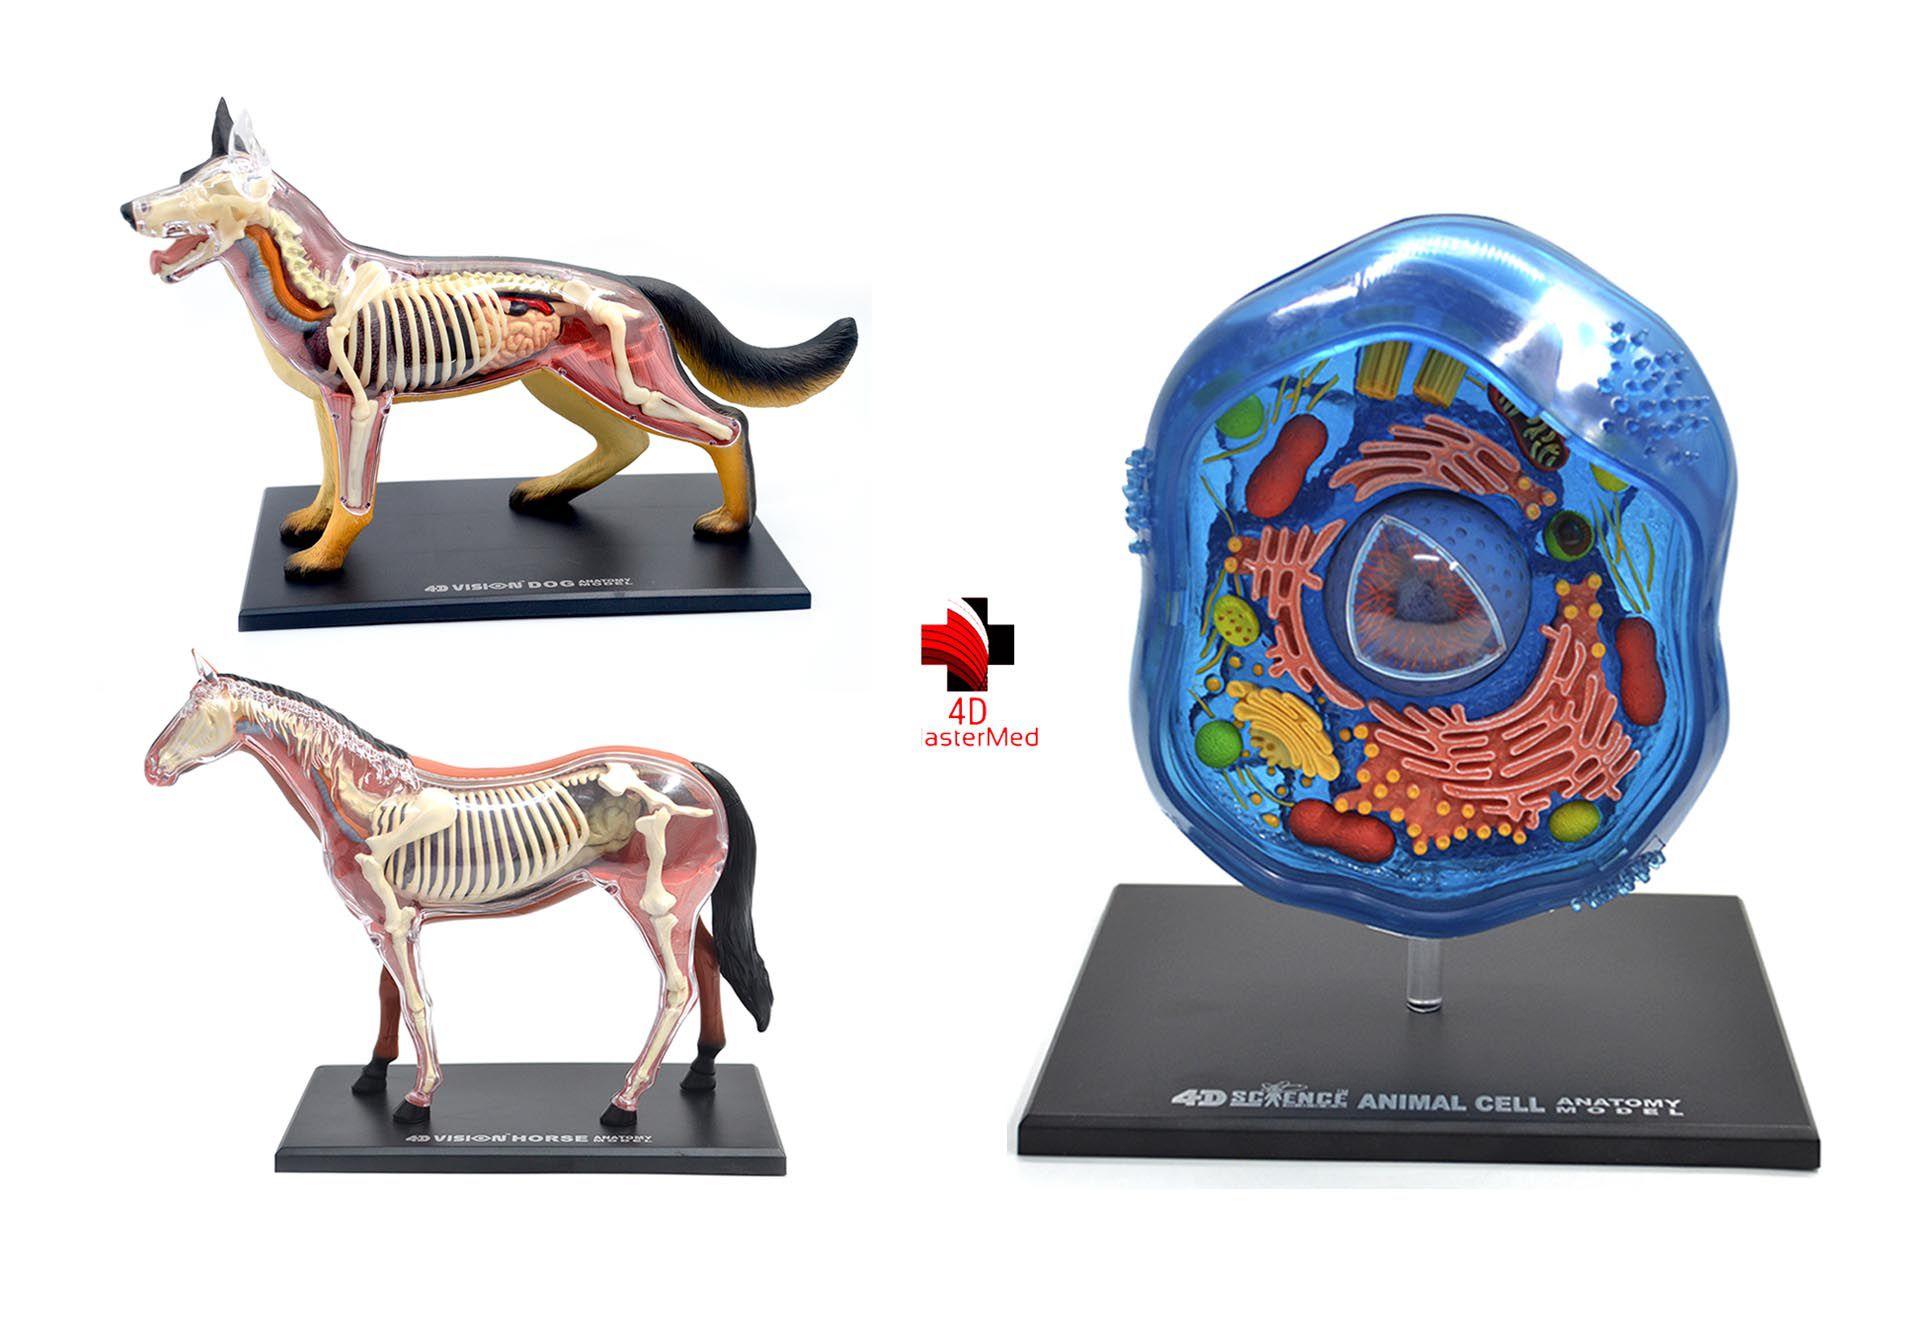 Kit Veterinário - Cachorro, Cavalo e Célula Animal